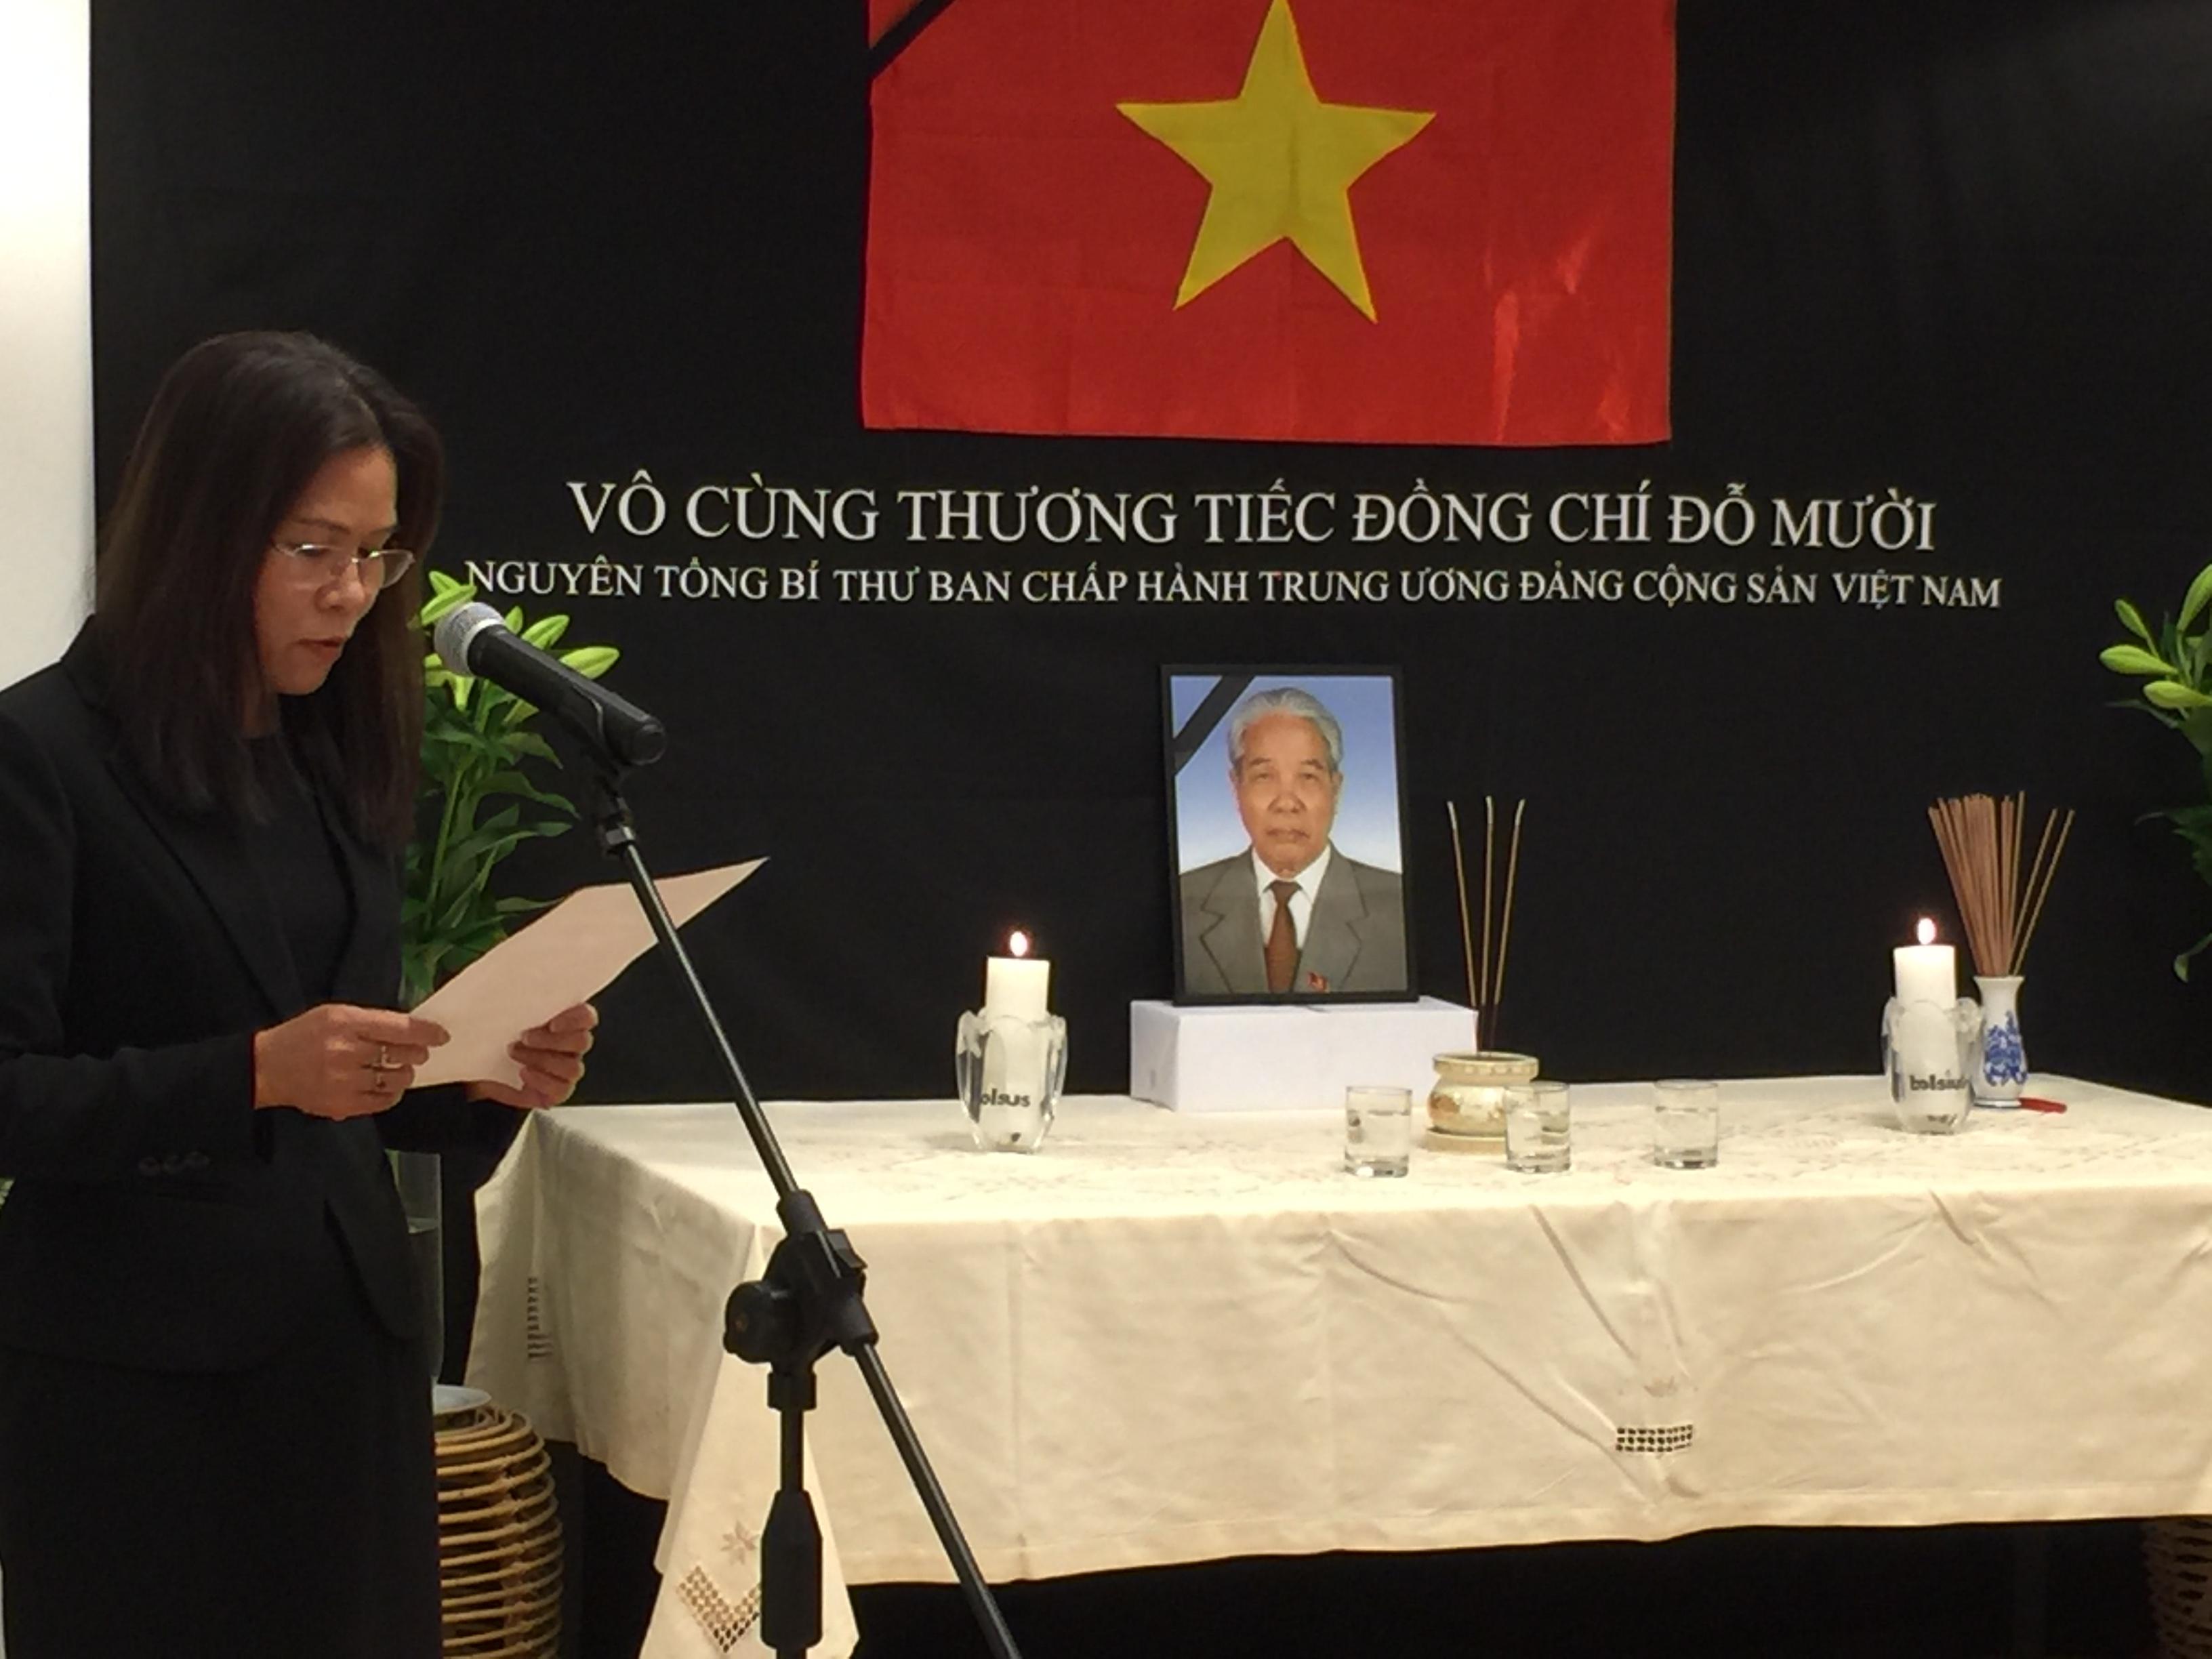 Đại sứ quán Việt Nam tại Hà Lan tổ chức lễ viếng nguyên Tổng Bí thư Đỗ Mười